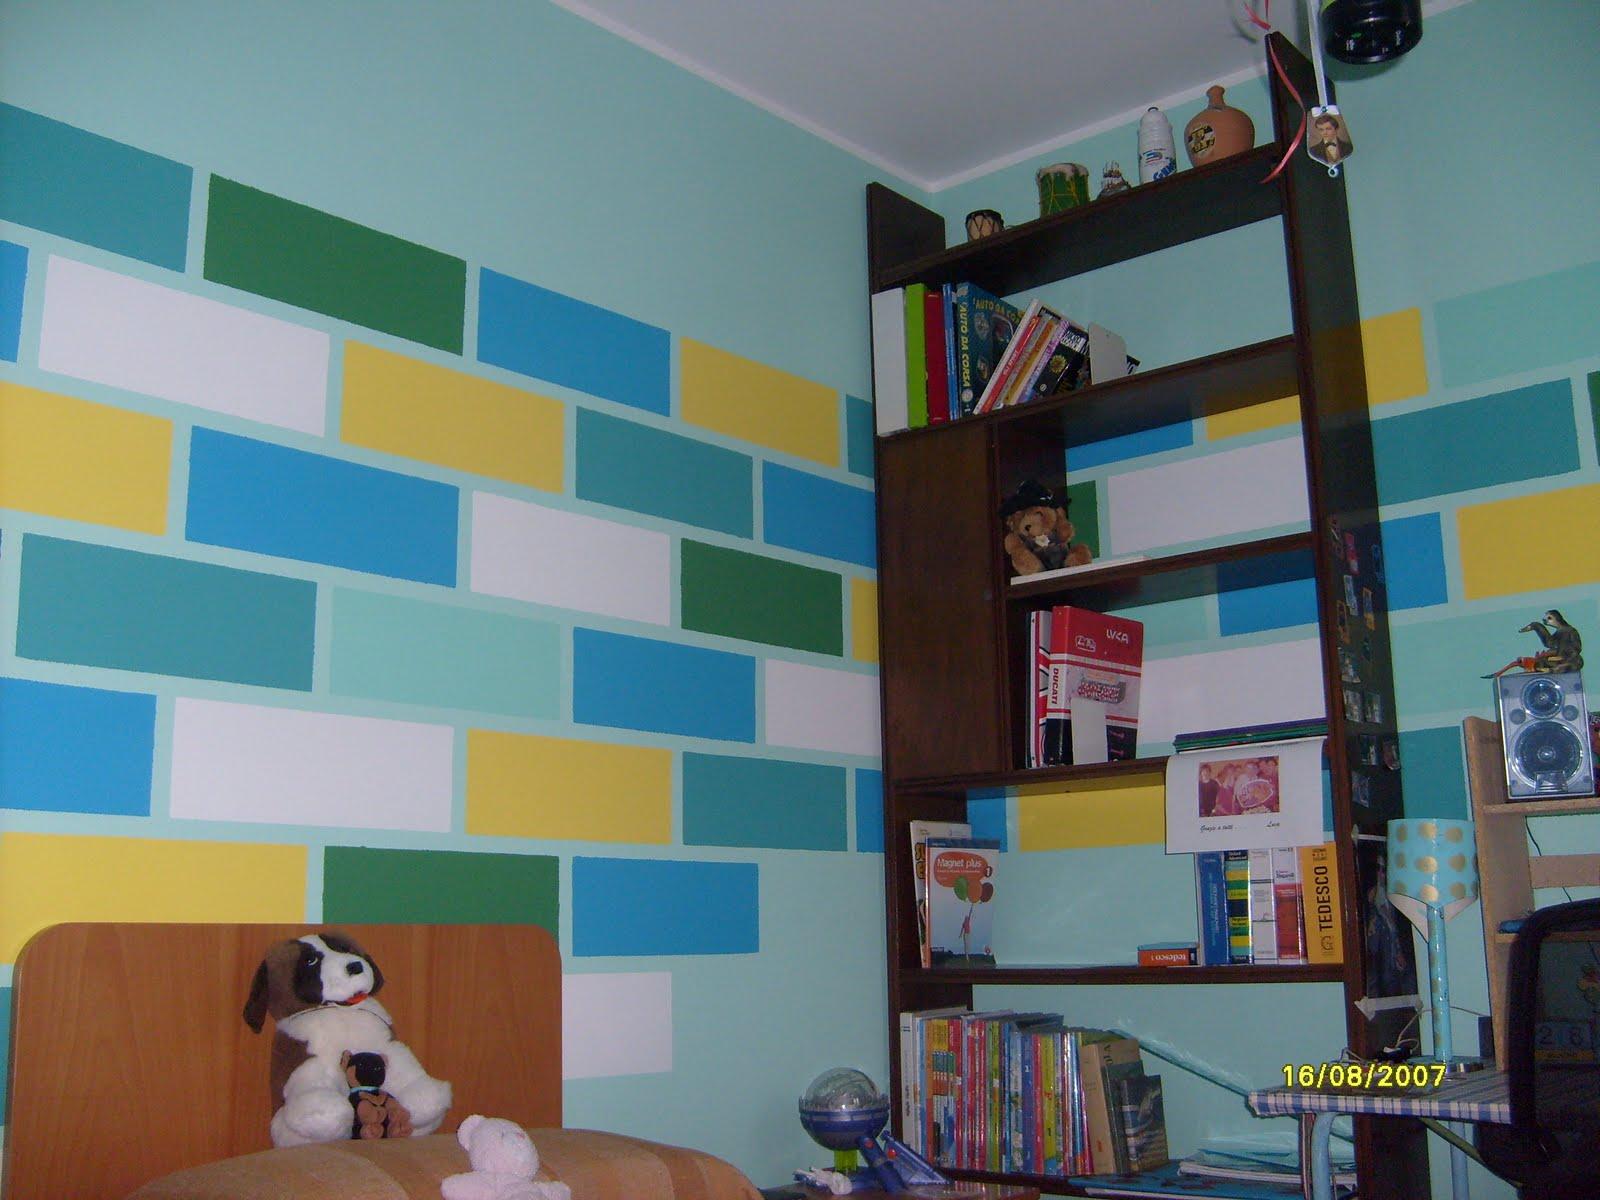 Decorazioni camerette bimbi disegno idea decorazioni - Decorazioni cameretta bimbo ...